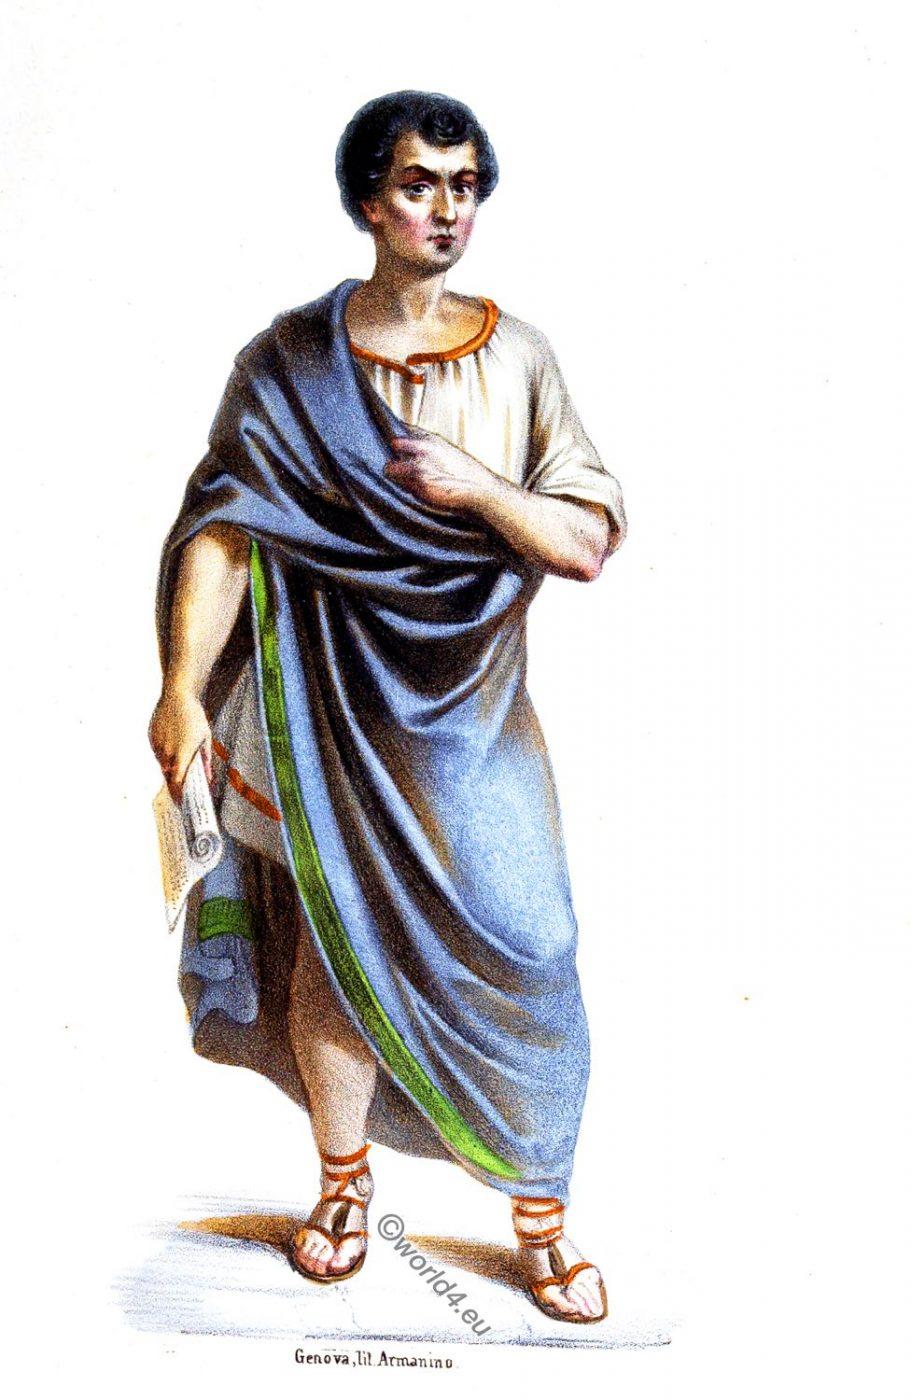 Gaius Sempronius Gracchus, Caio Gracco, Rome, politician, ancient, Roman history, costume, clothing